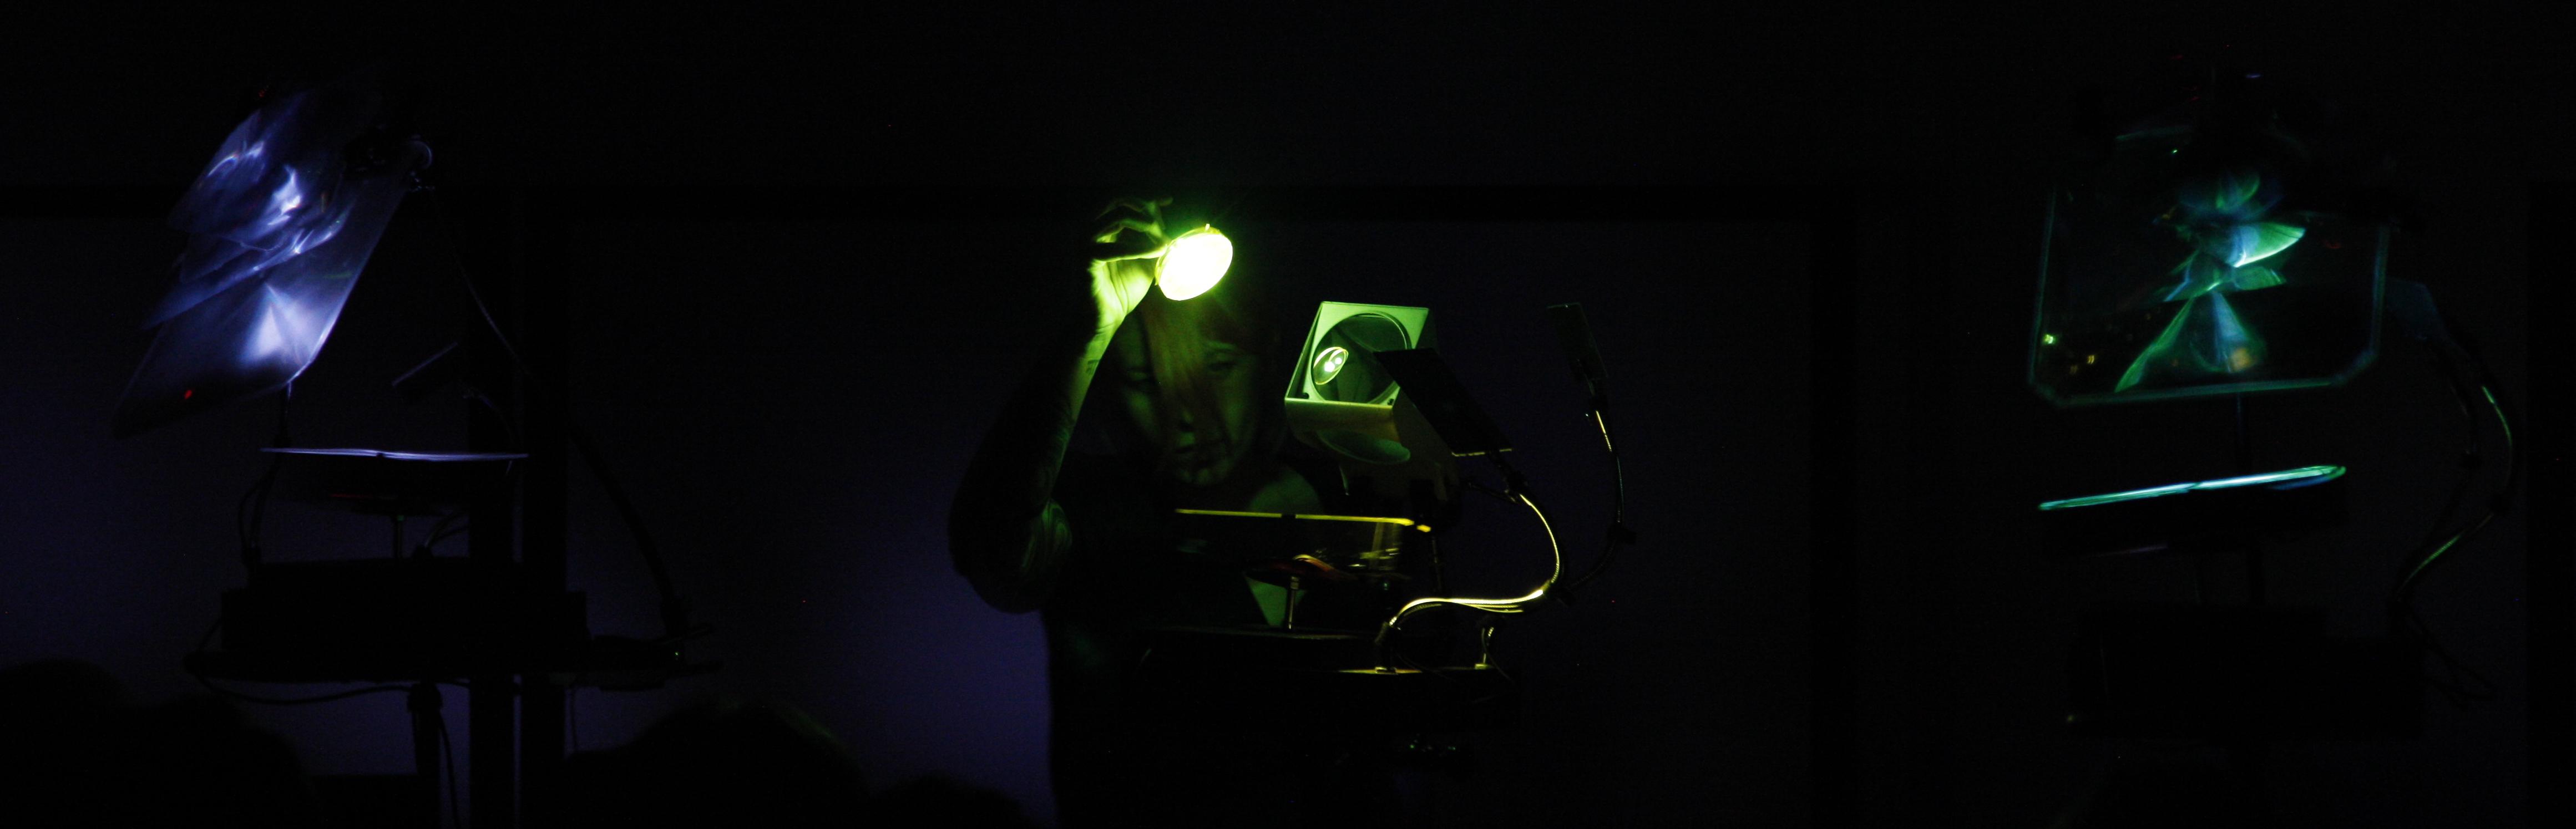 crédit photo : Vincent Fillion, concerts Ultrasons de l'UdM (mai 2019)